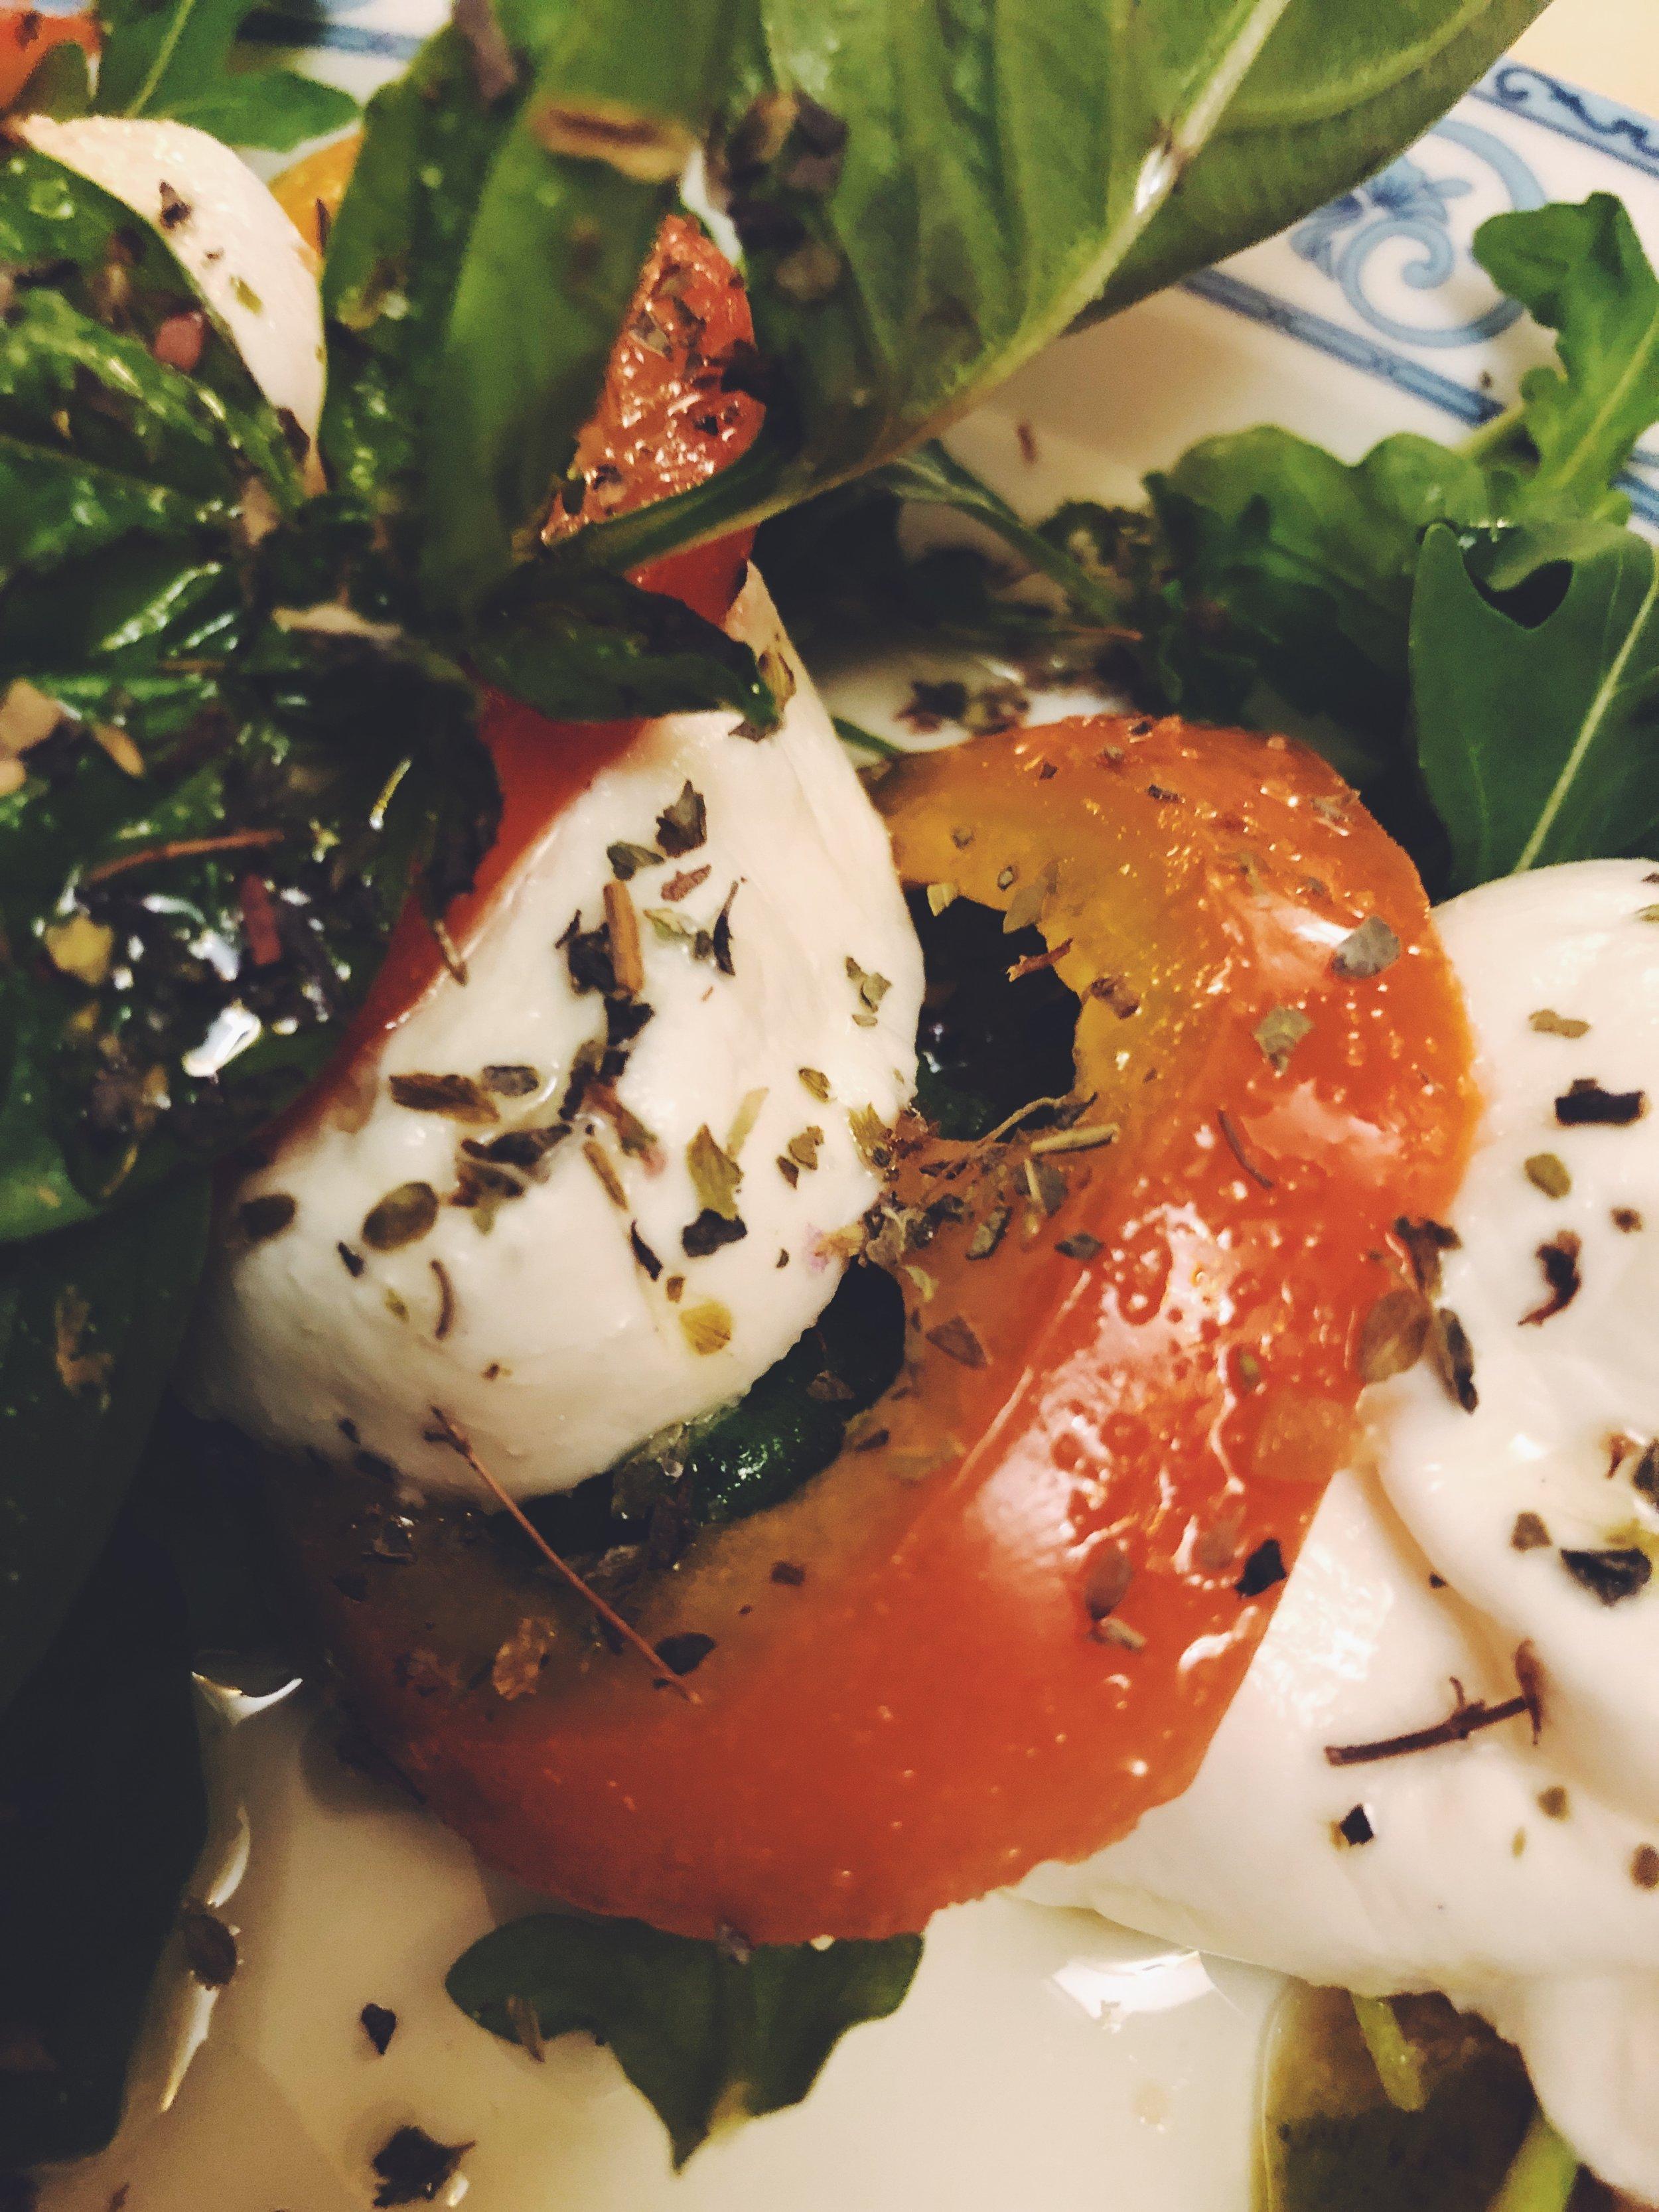 Caprese Salad at its Best!